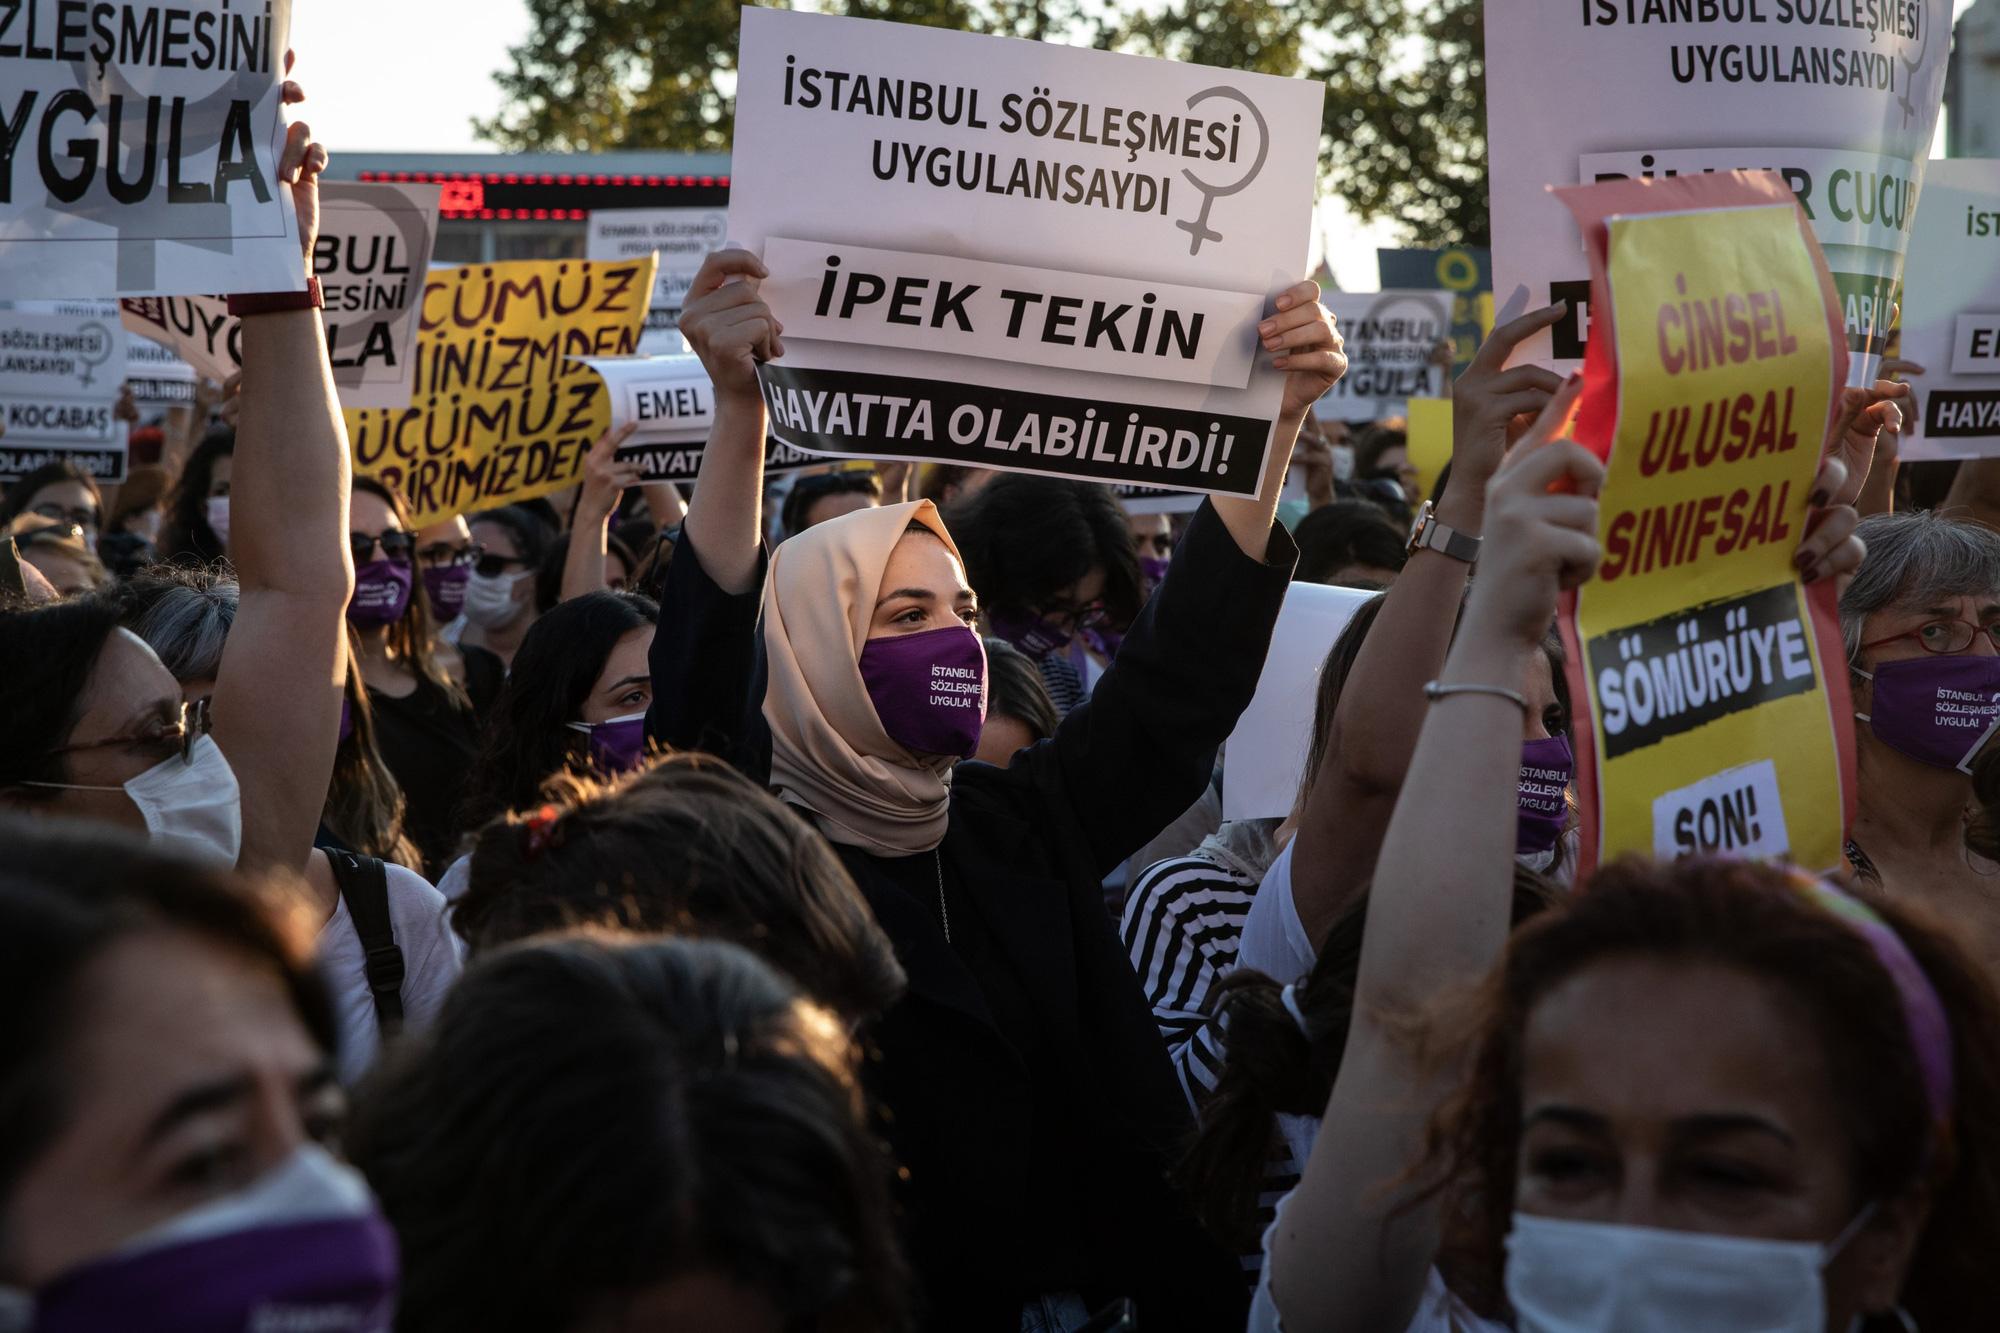 Thổ Nhĩ Kỳ: Hàng nghìn người biểu tình phản đối nạn bạo lực gia đình - Ảnh 1.